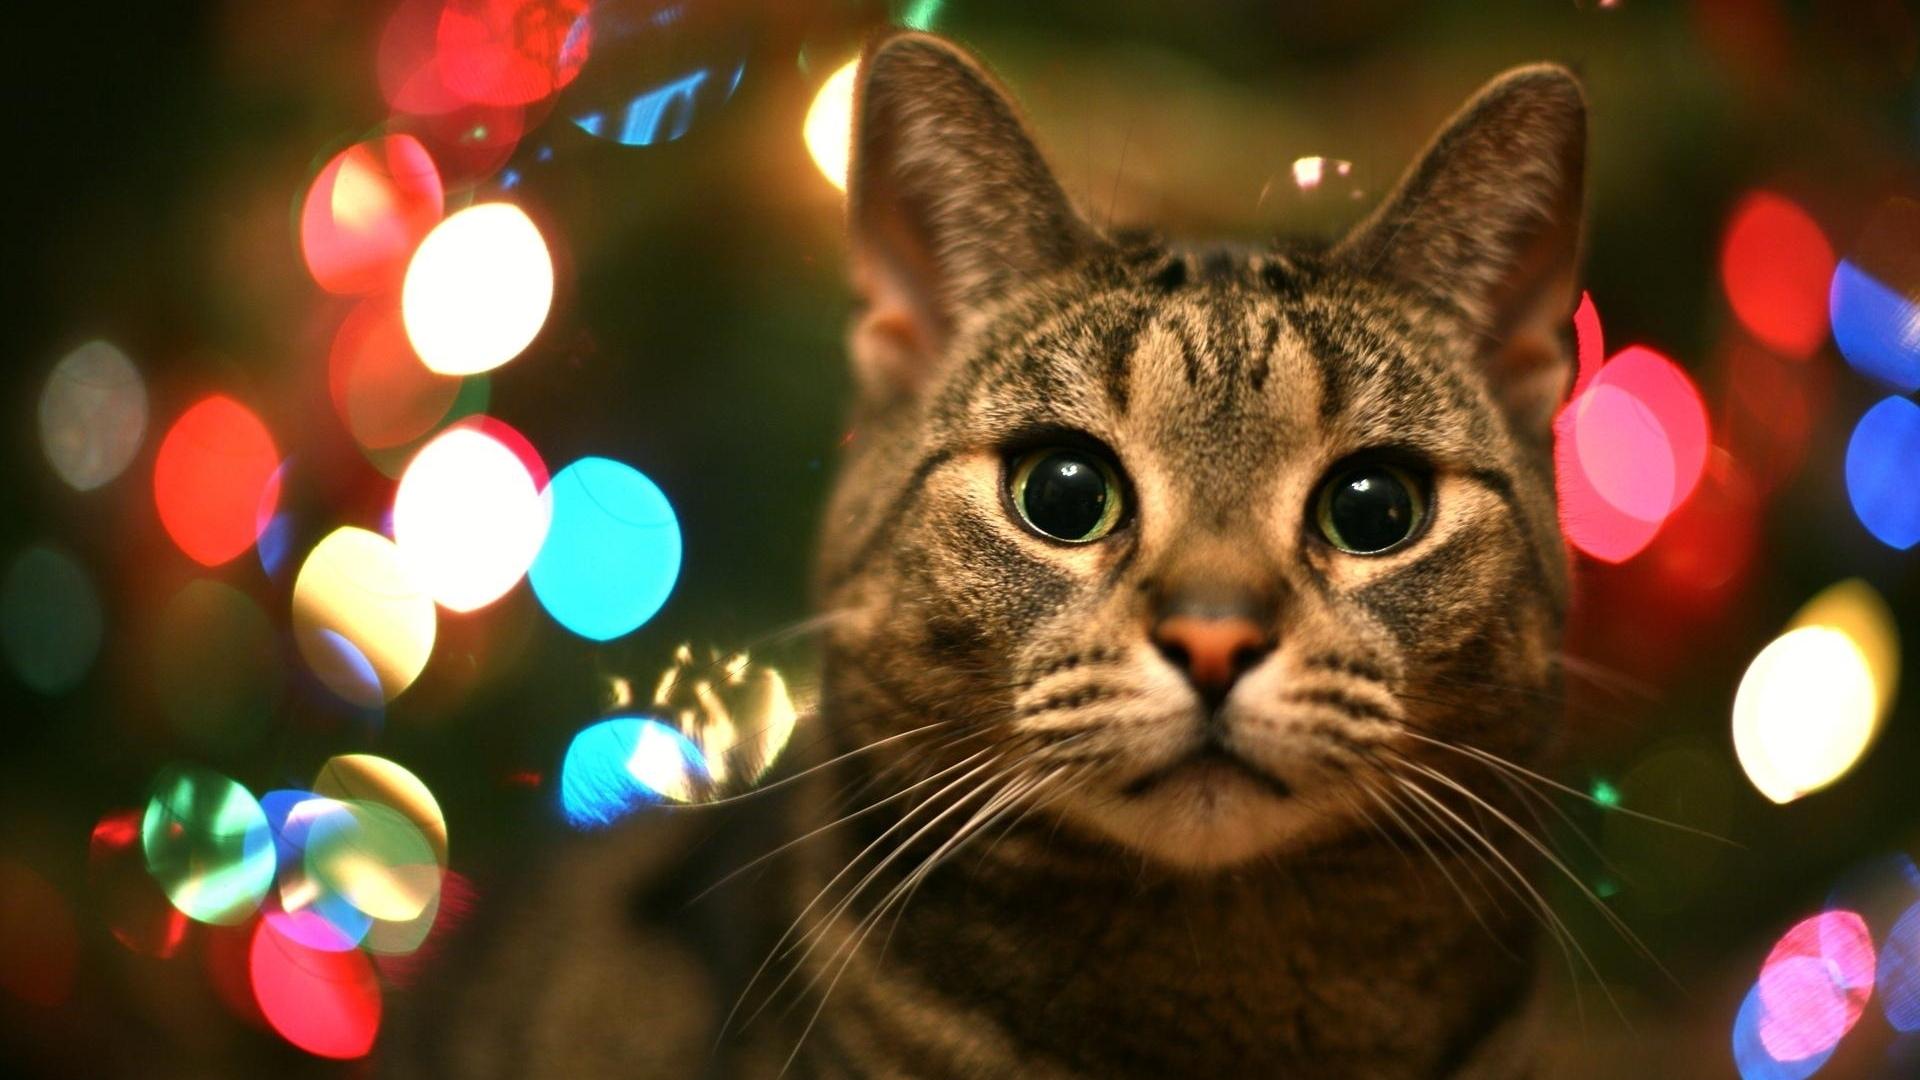 кот, кошка и блики света, скачать фото